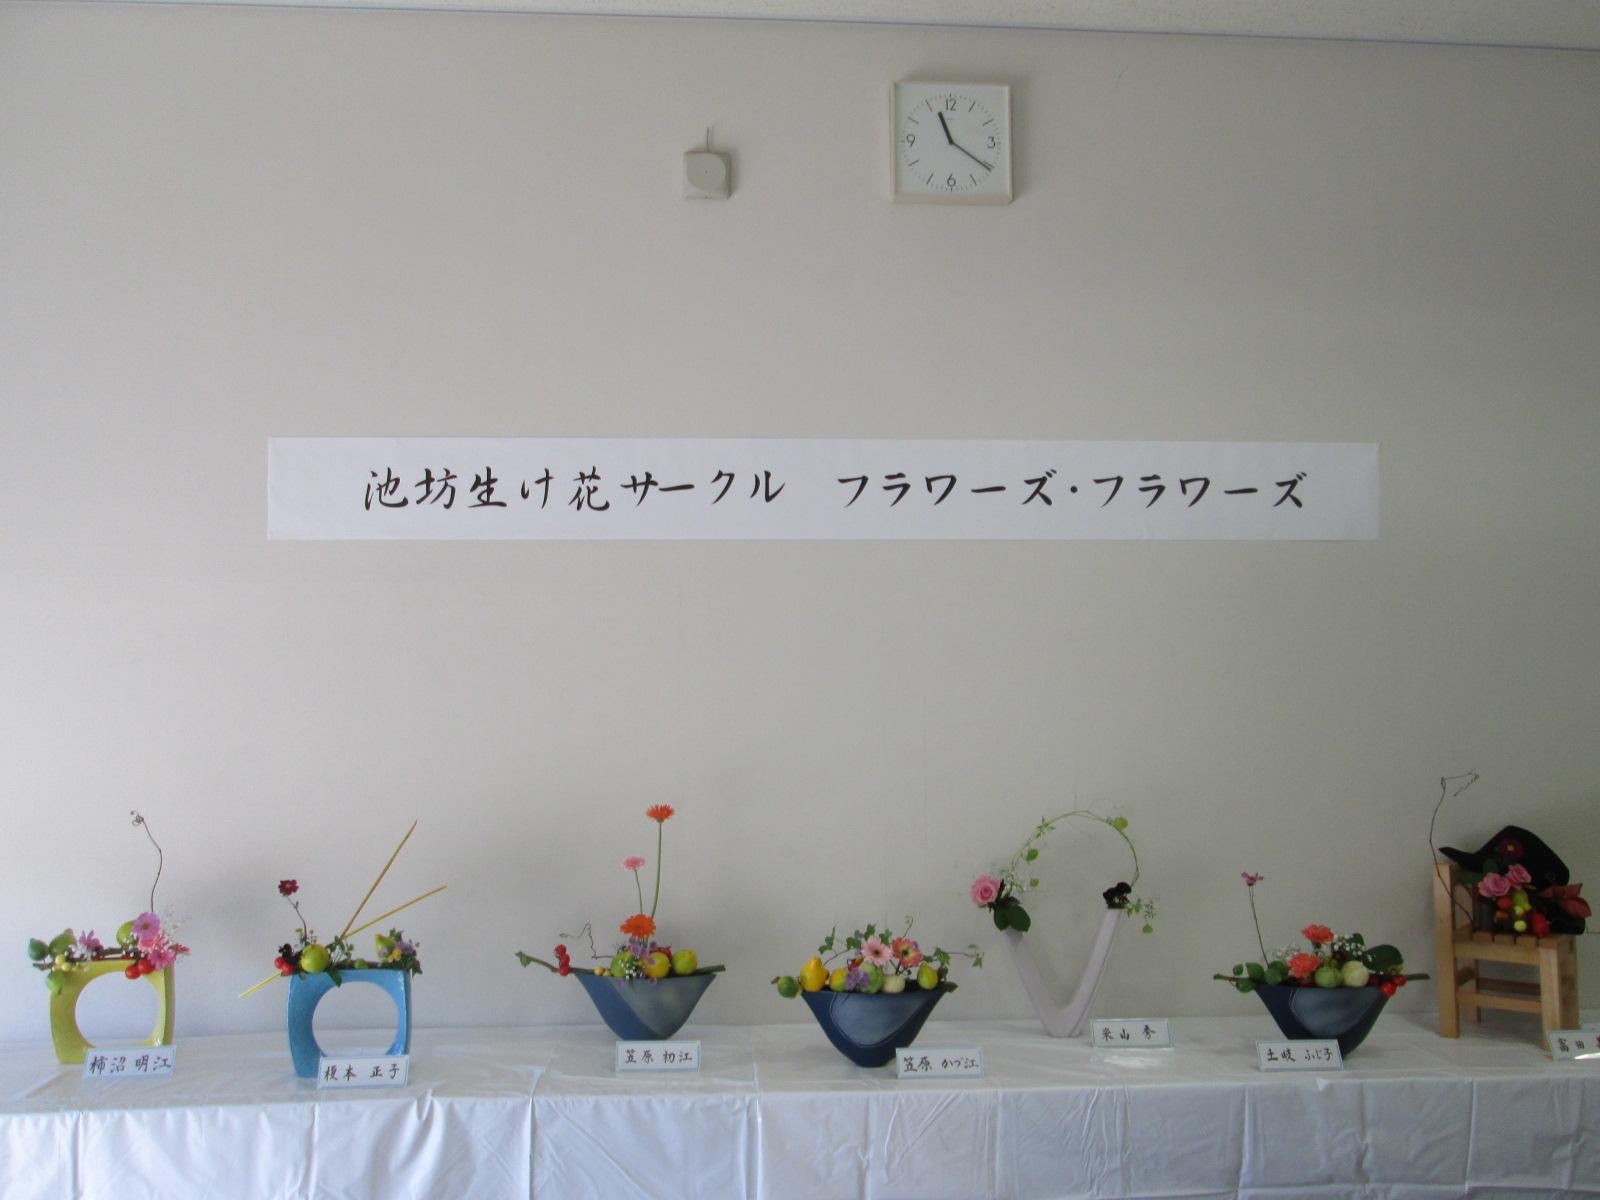 公民館の生け花サークル